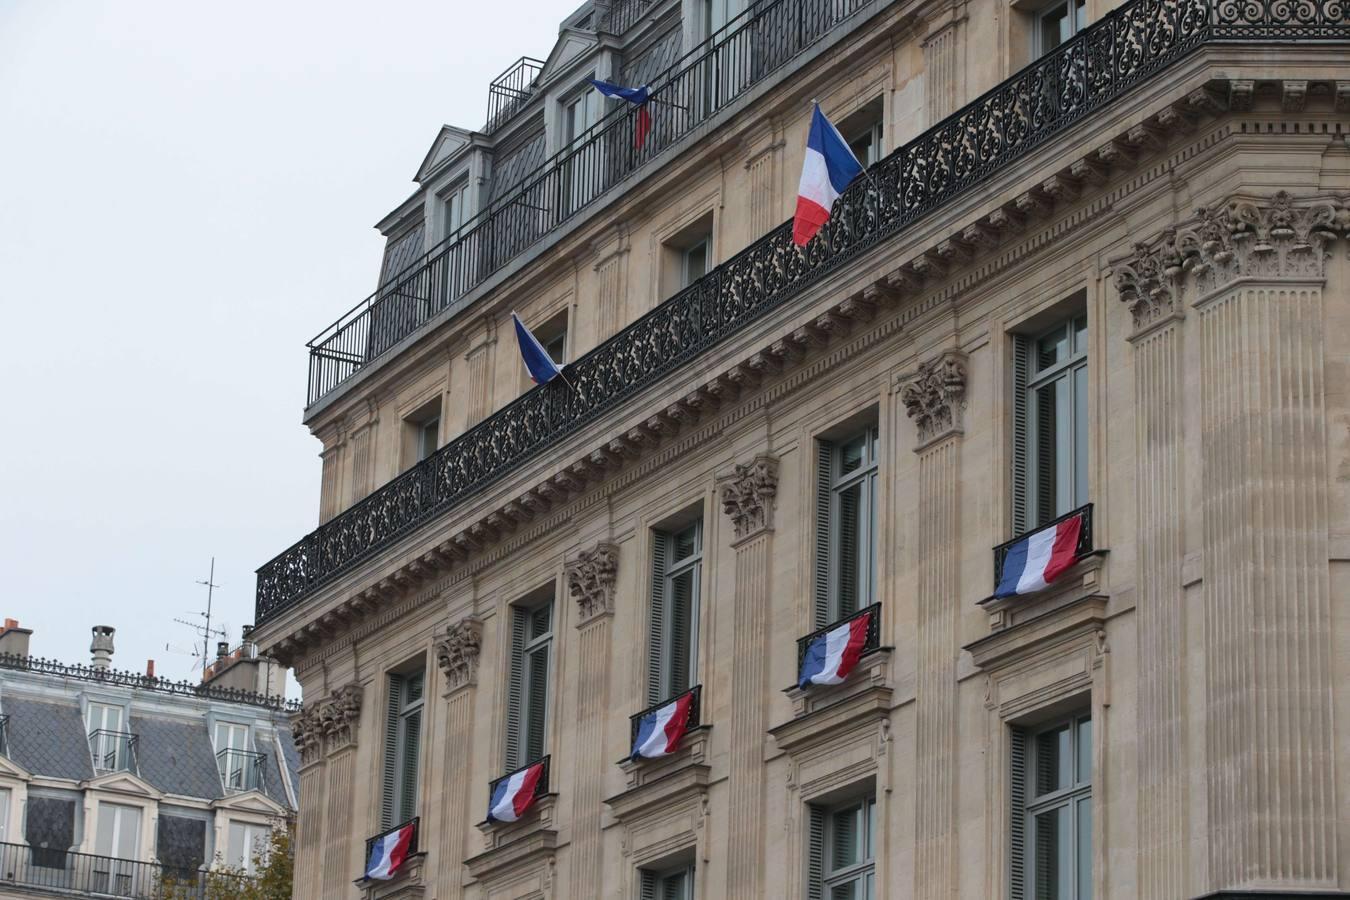 El homenaje a las víctimas de los ataques de París, en imágenes